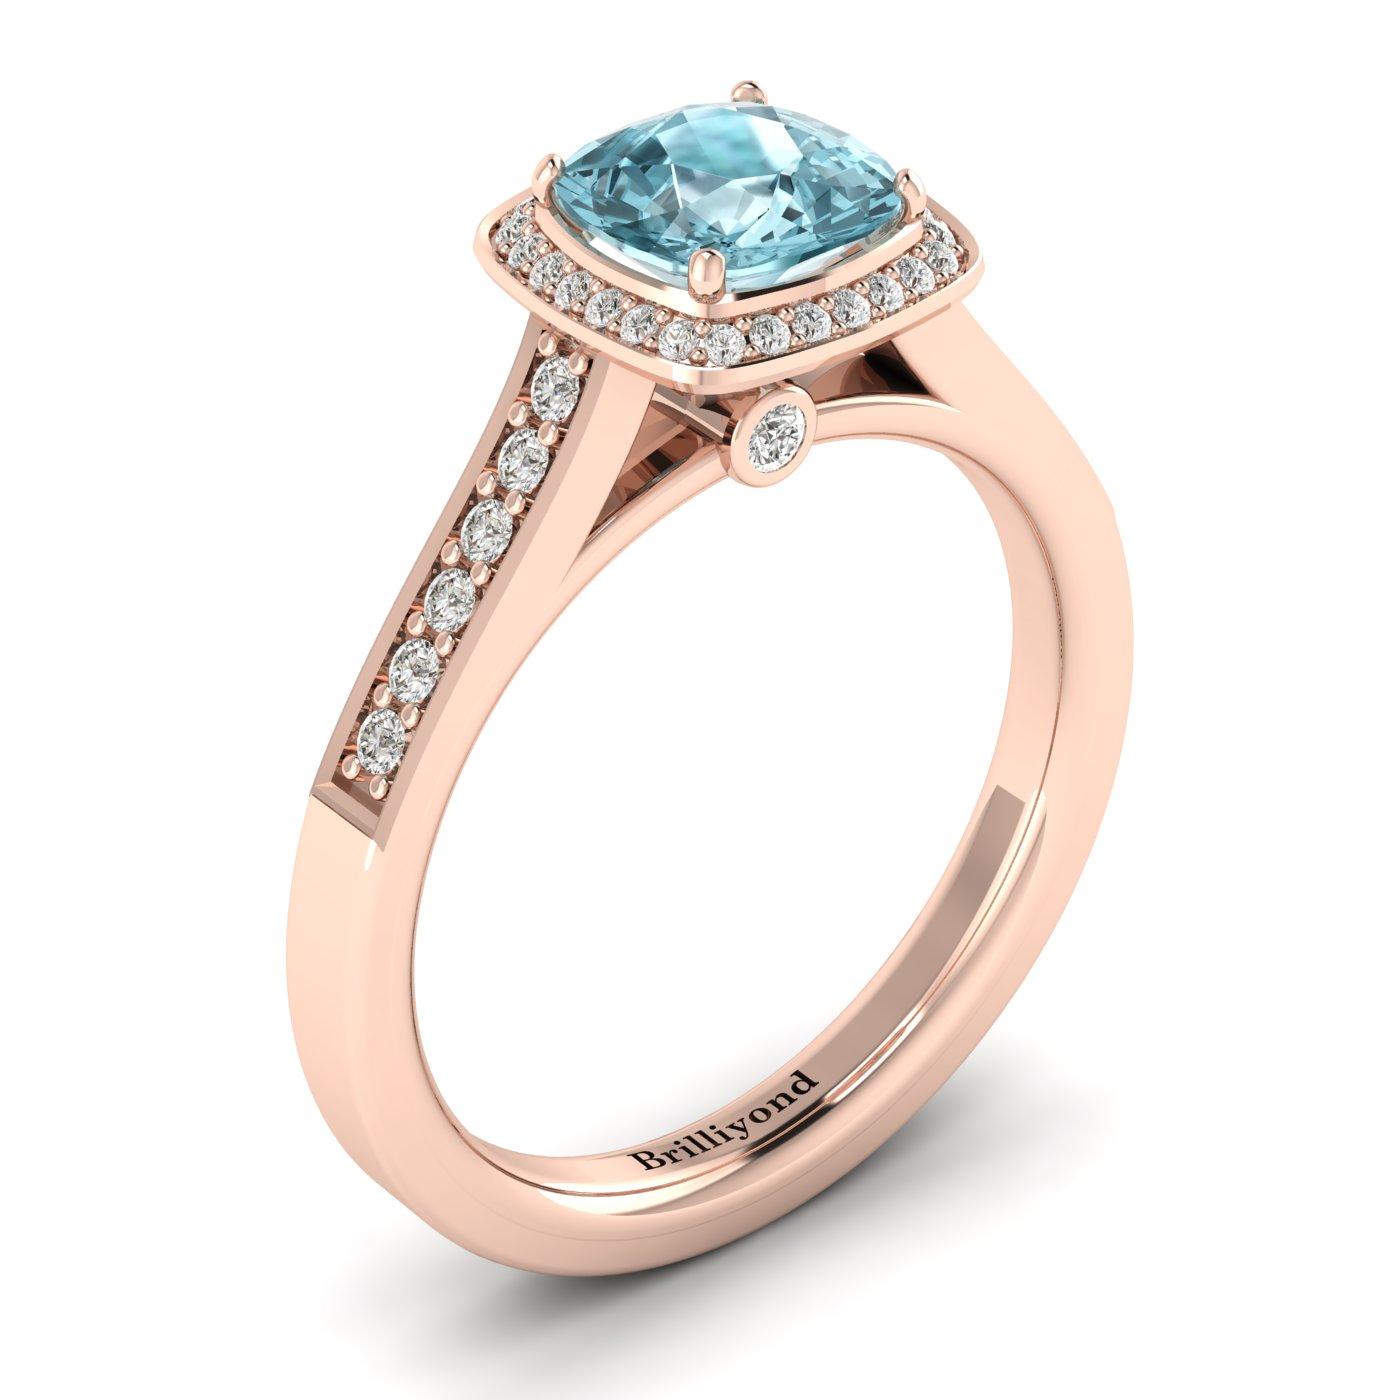 Cushion Cut Engagement Ring Arcadia Aquamarine Rose Gold   _image2